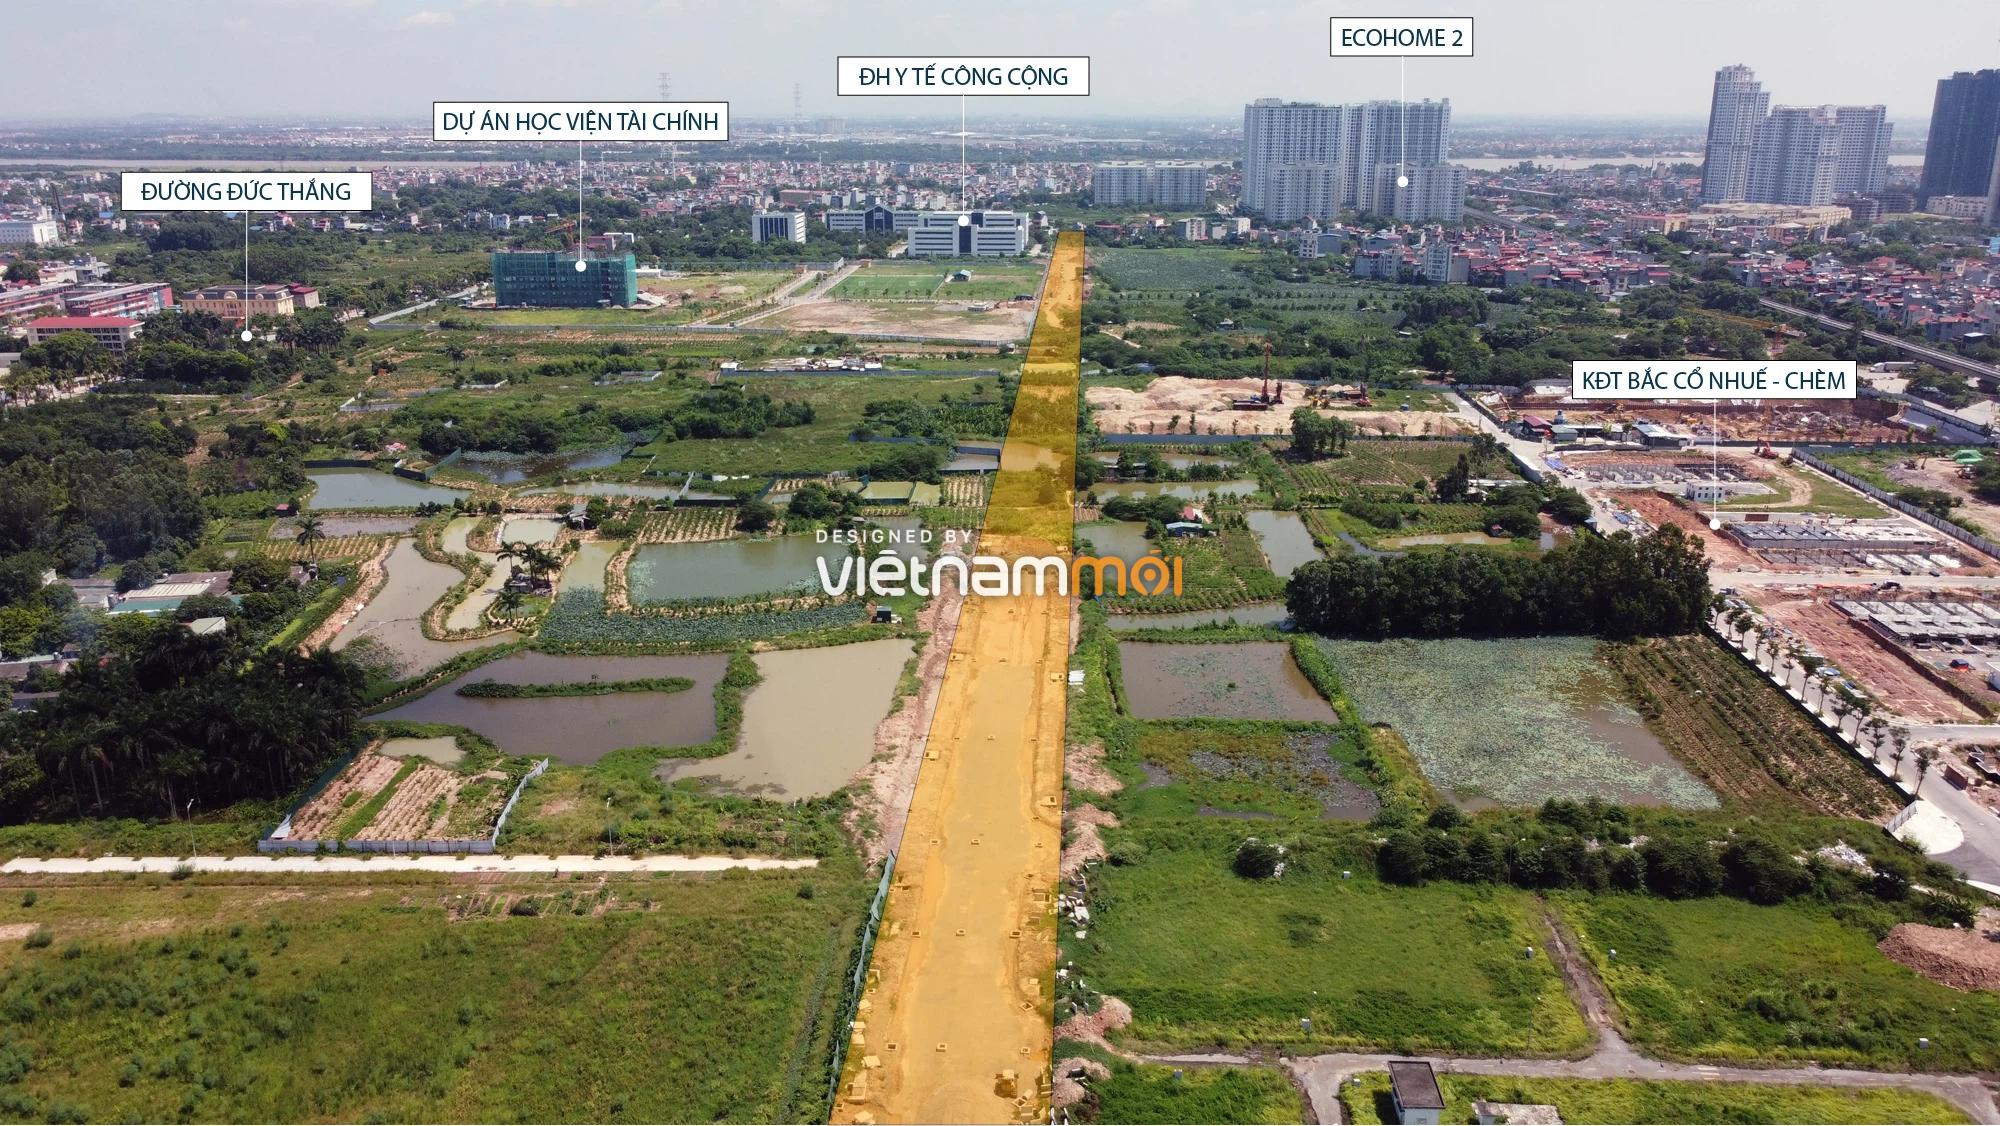 Toàn cảnh tuyến đường nối Hoàng Tăng Bí - Phố Viên đang mở theo quy hoạch ở Hà Nội - Ảnh 10.